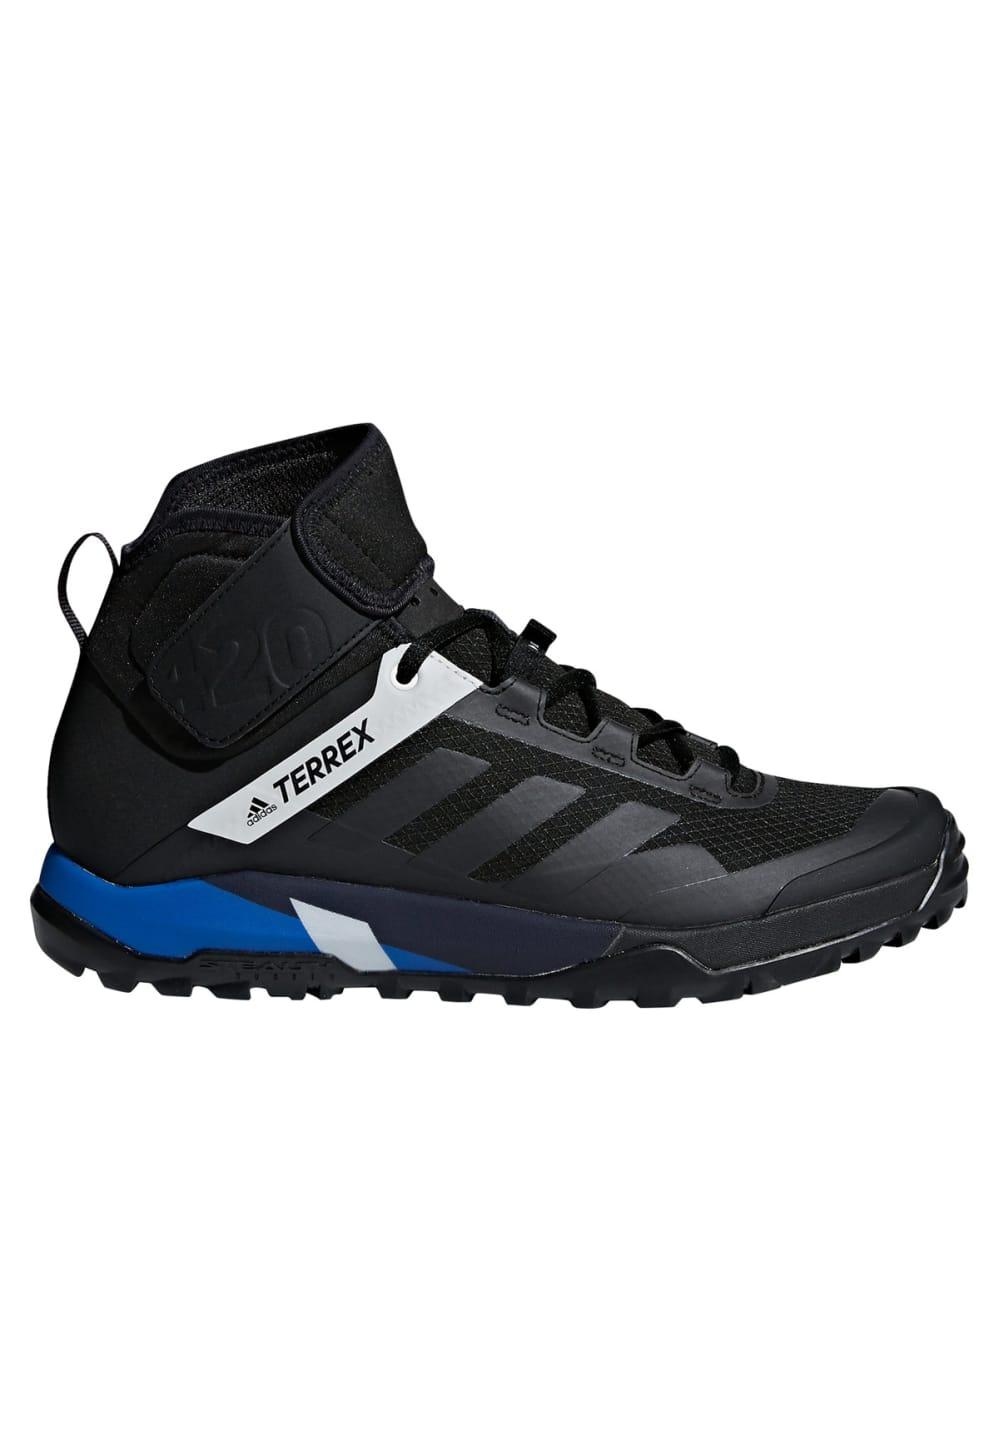 Protect Terrex Homme Adidas Trail Chaussures Cross Randonnée Pour Noir 5A4Rj3L